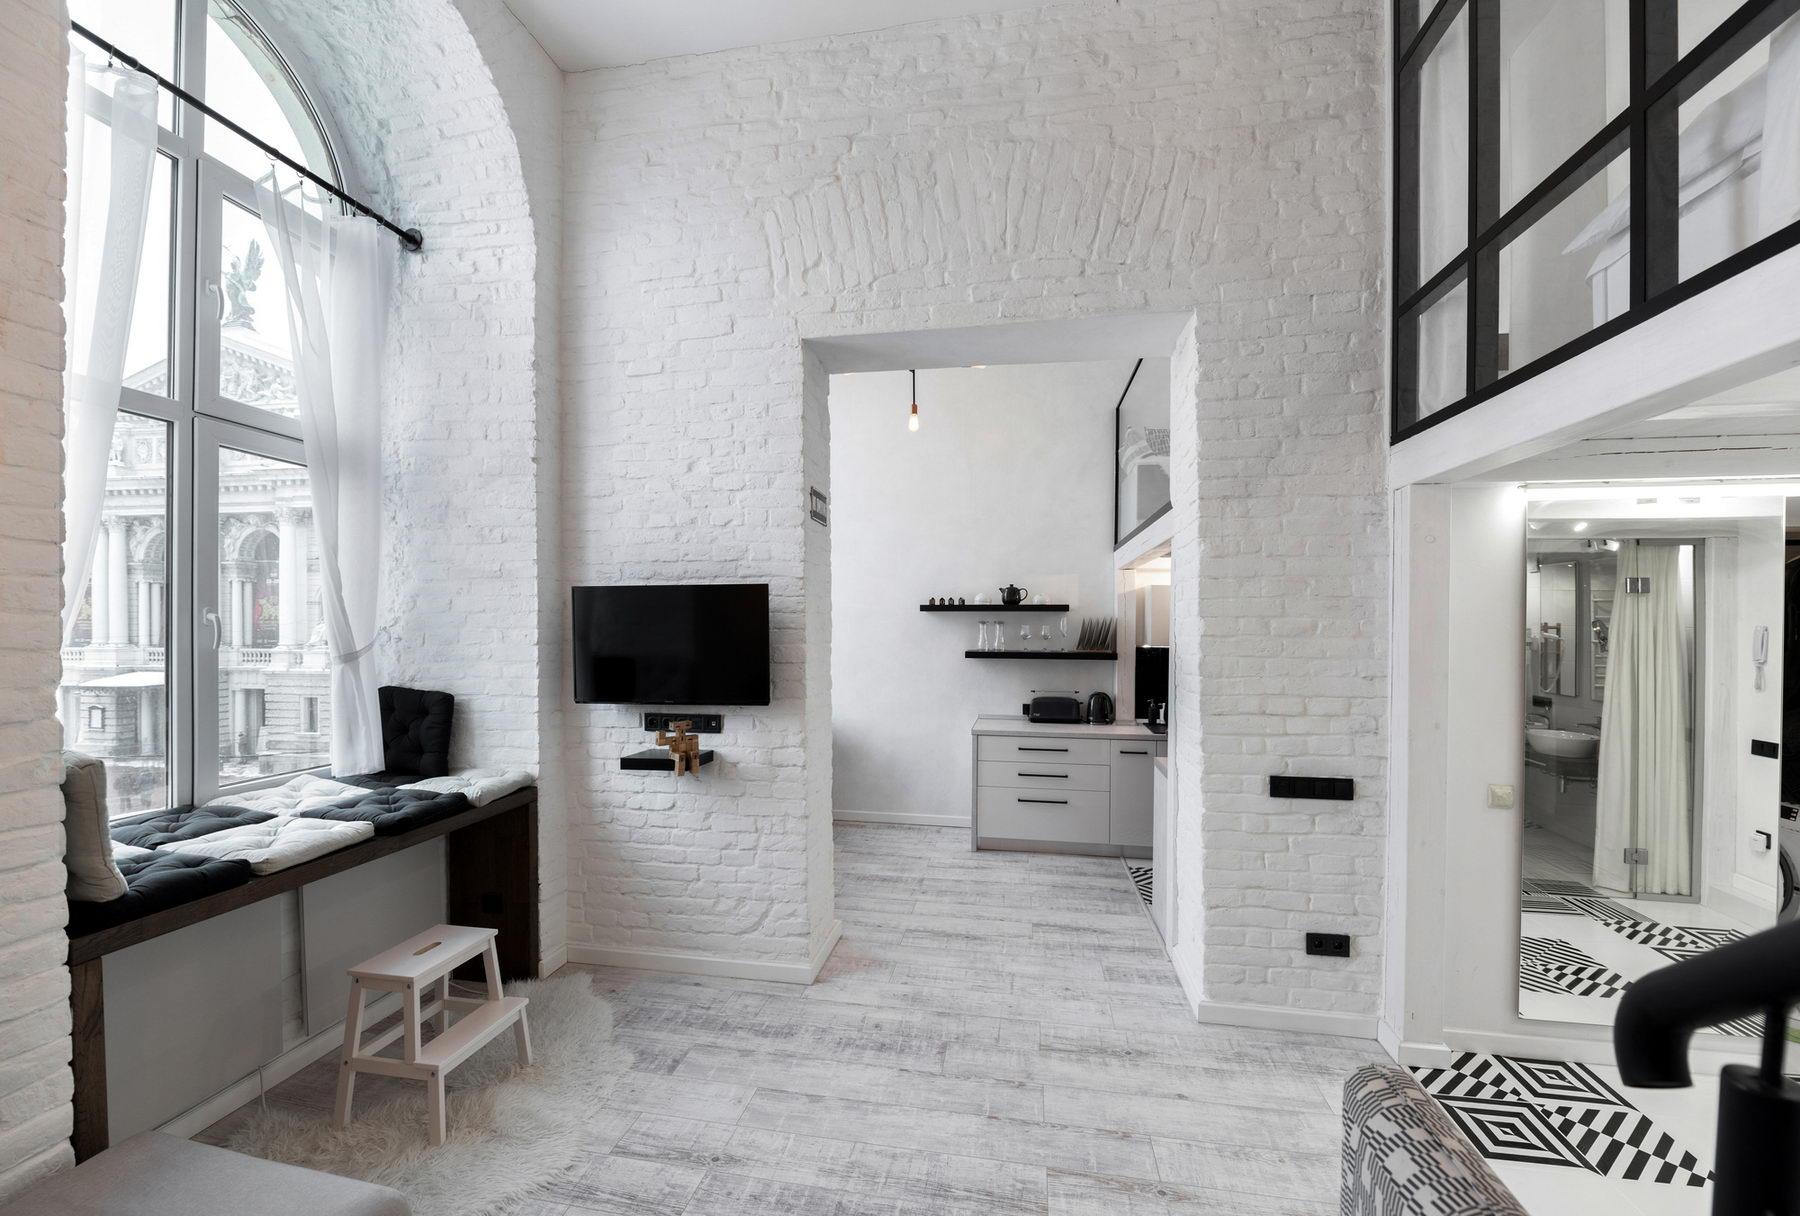 Salon z bieloną cegłą i czarnymi dodatkami